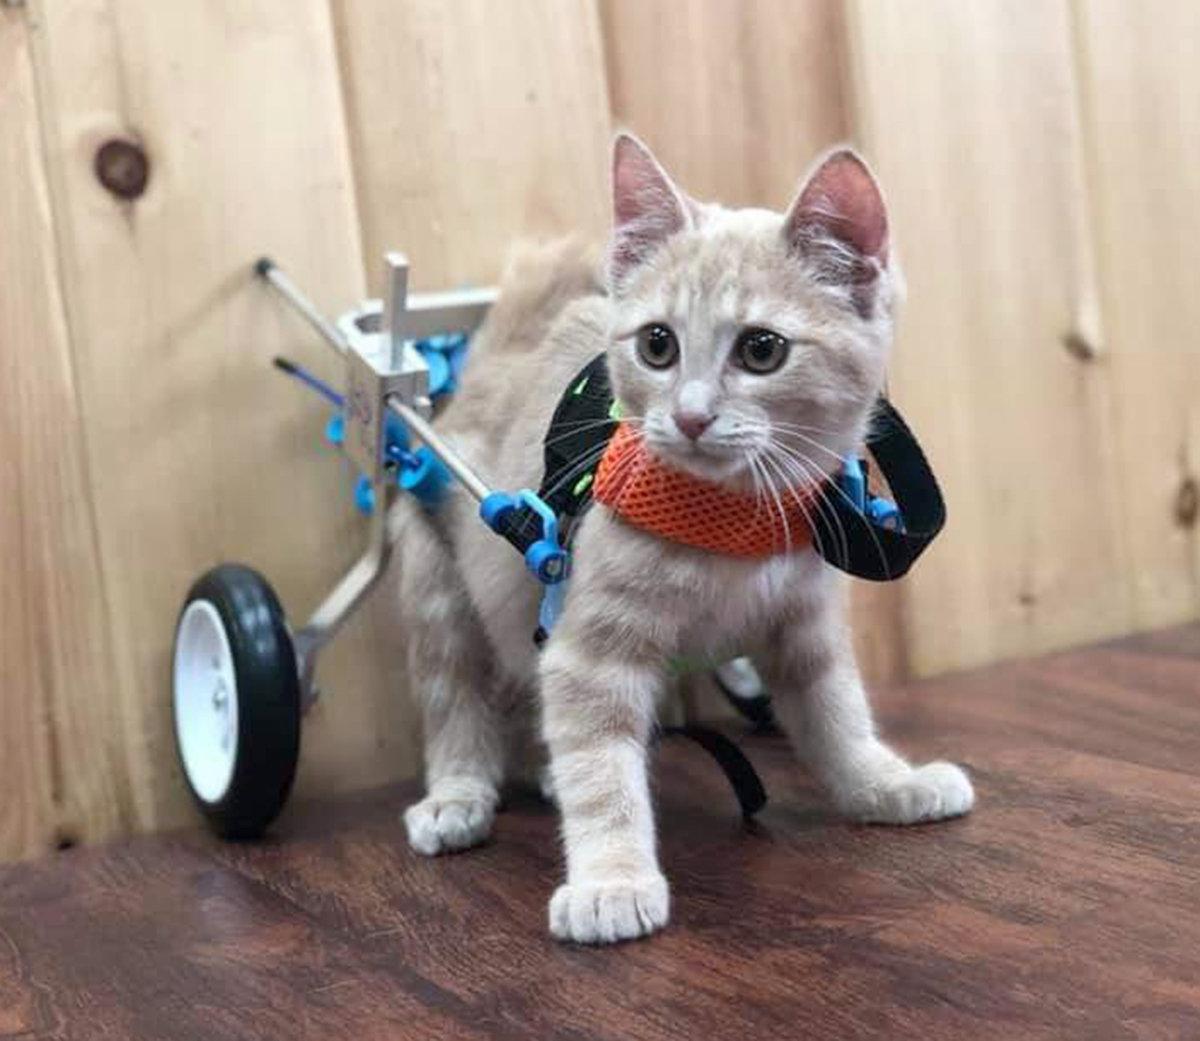 A wheelchair for Wheelie — making a handicap cat walk again